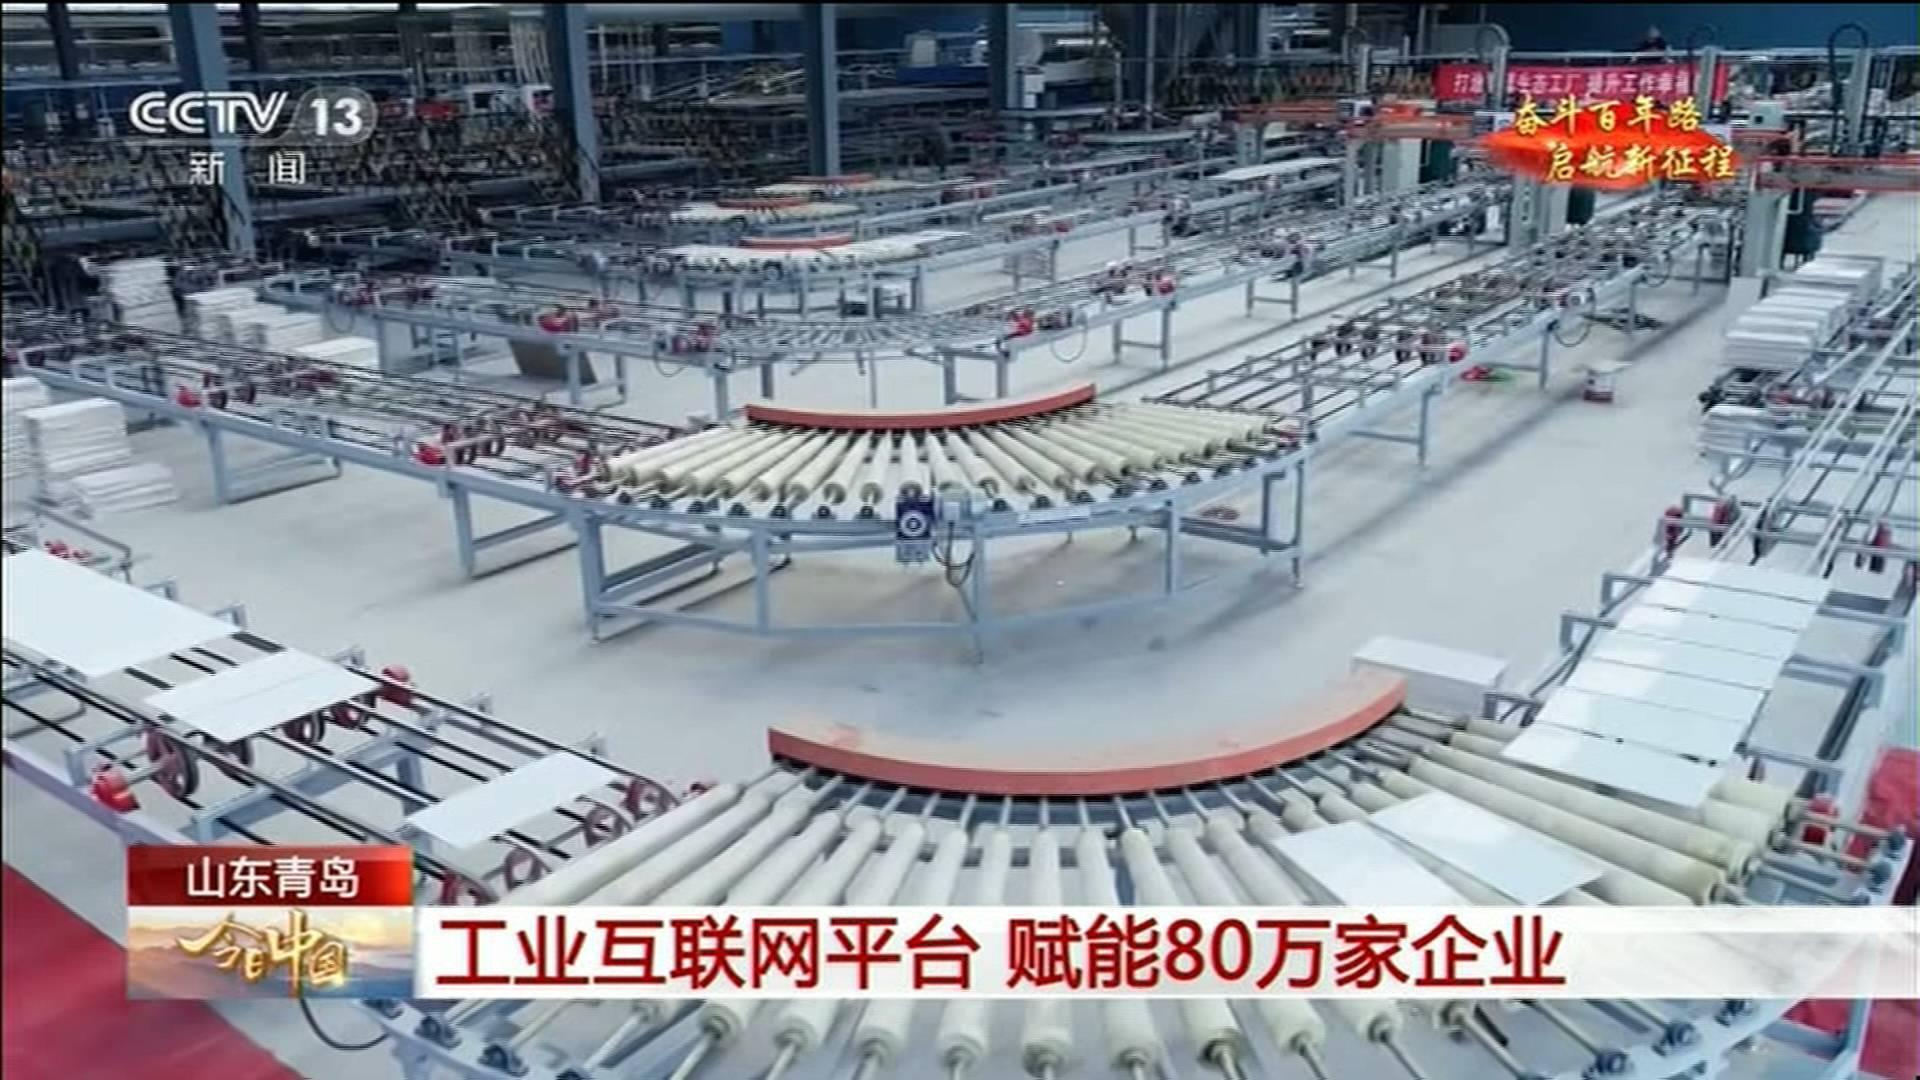 今日中国·山东篇丨青岛:工业互联网平台 赋能80万家企业